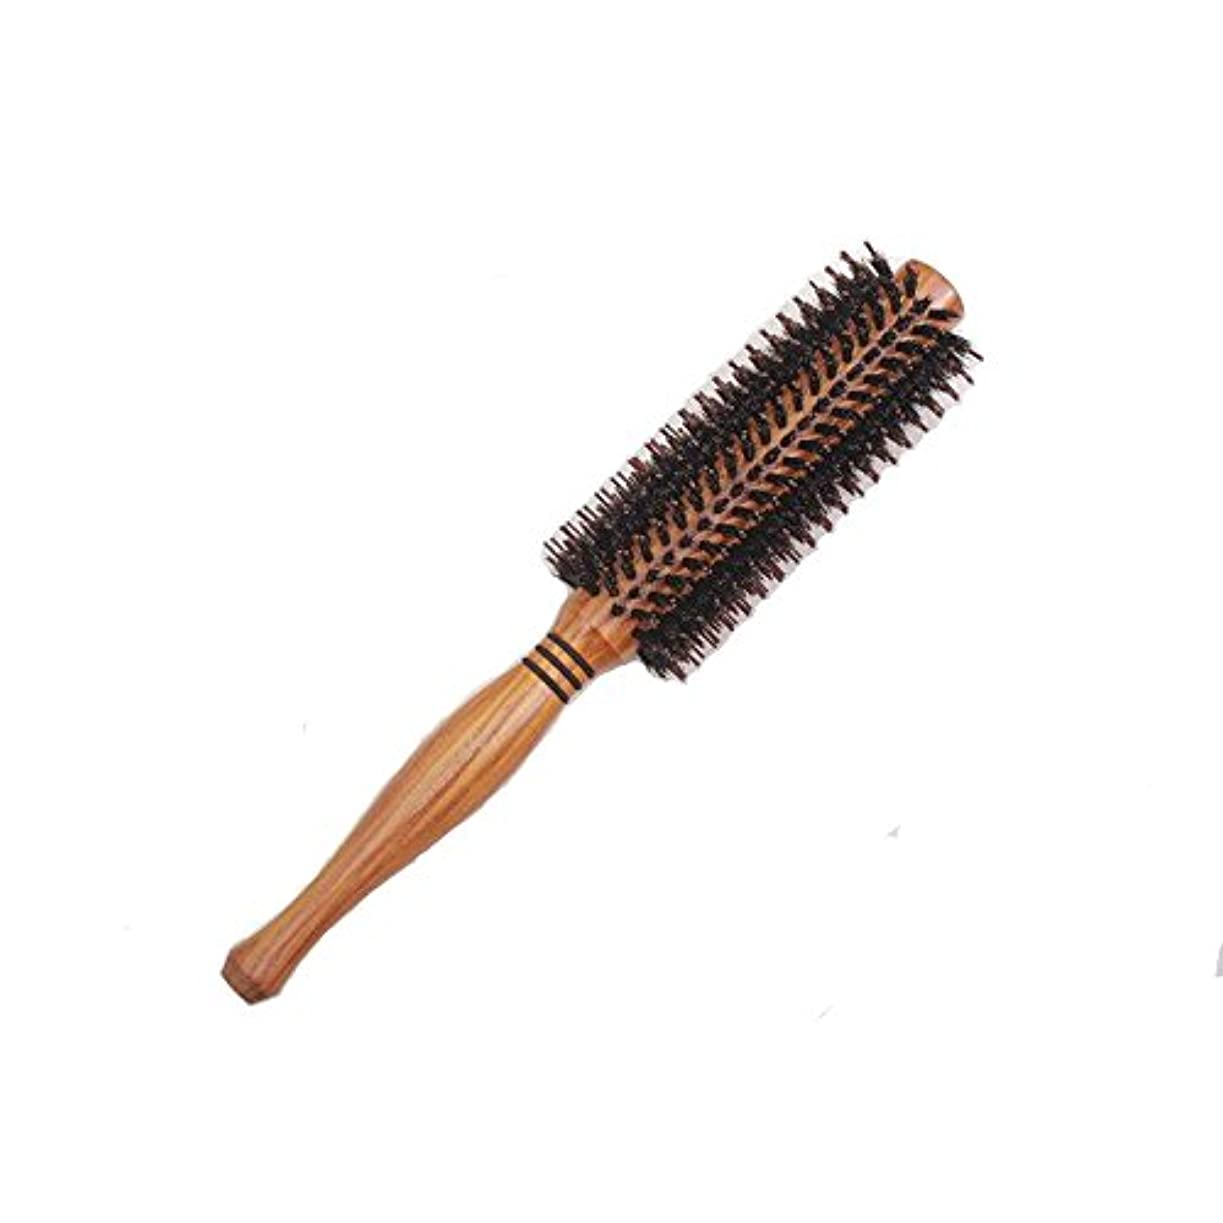 とは異なり隙間レインコート天然ロールブラシ 豚毛 耐熱仕様 ブロー カール 巻き髪 ヘア ブラシ ロール